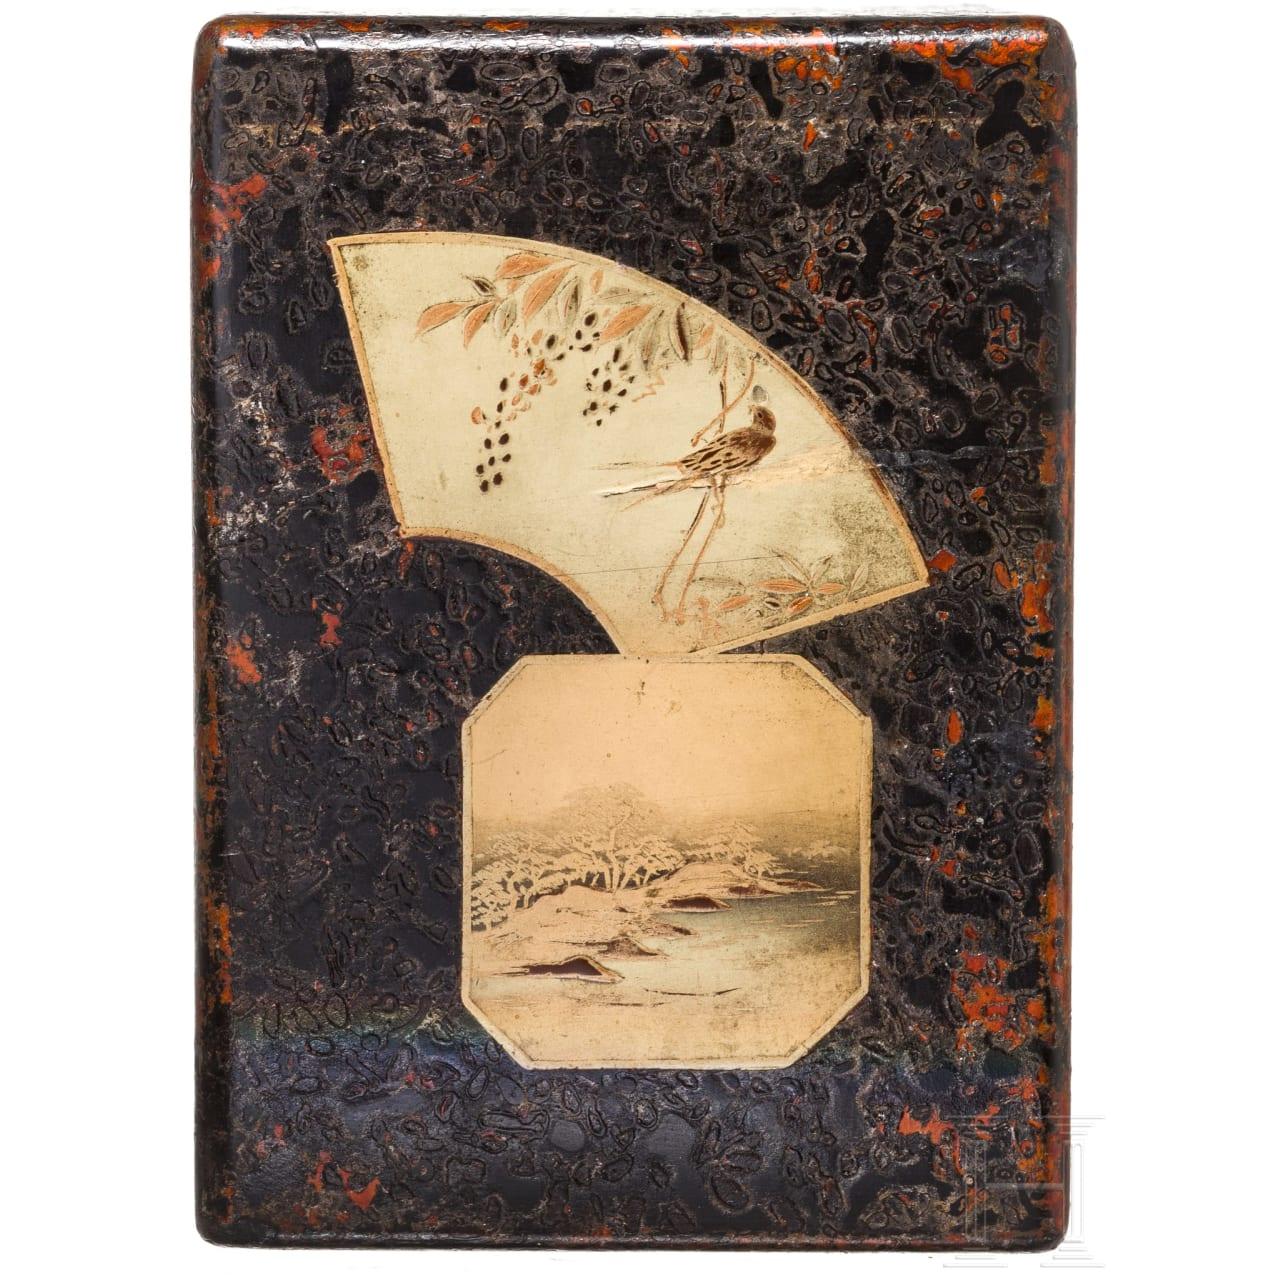 Schubladenkästchen und Figur eines Oni, Japan, Meiji-Periode